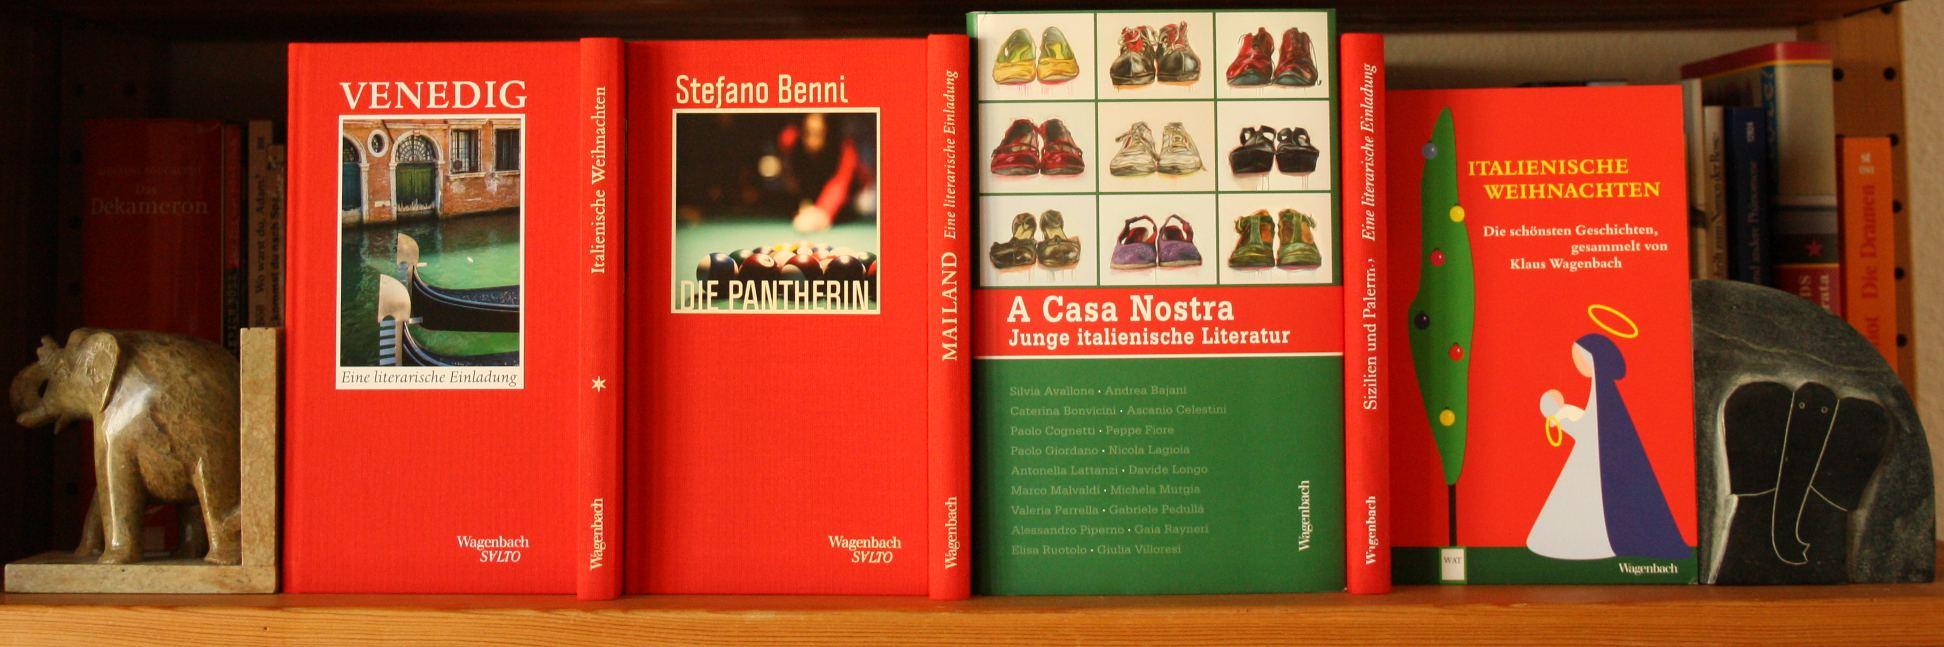 """Buchcover im Regal, u.a. """"Venedig"""", """"Die Pantherin"""", """"A casa nostra"""" und """"Italienische Weihnachten"""""""